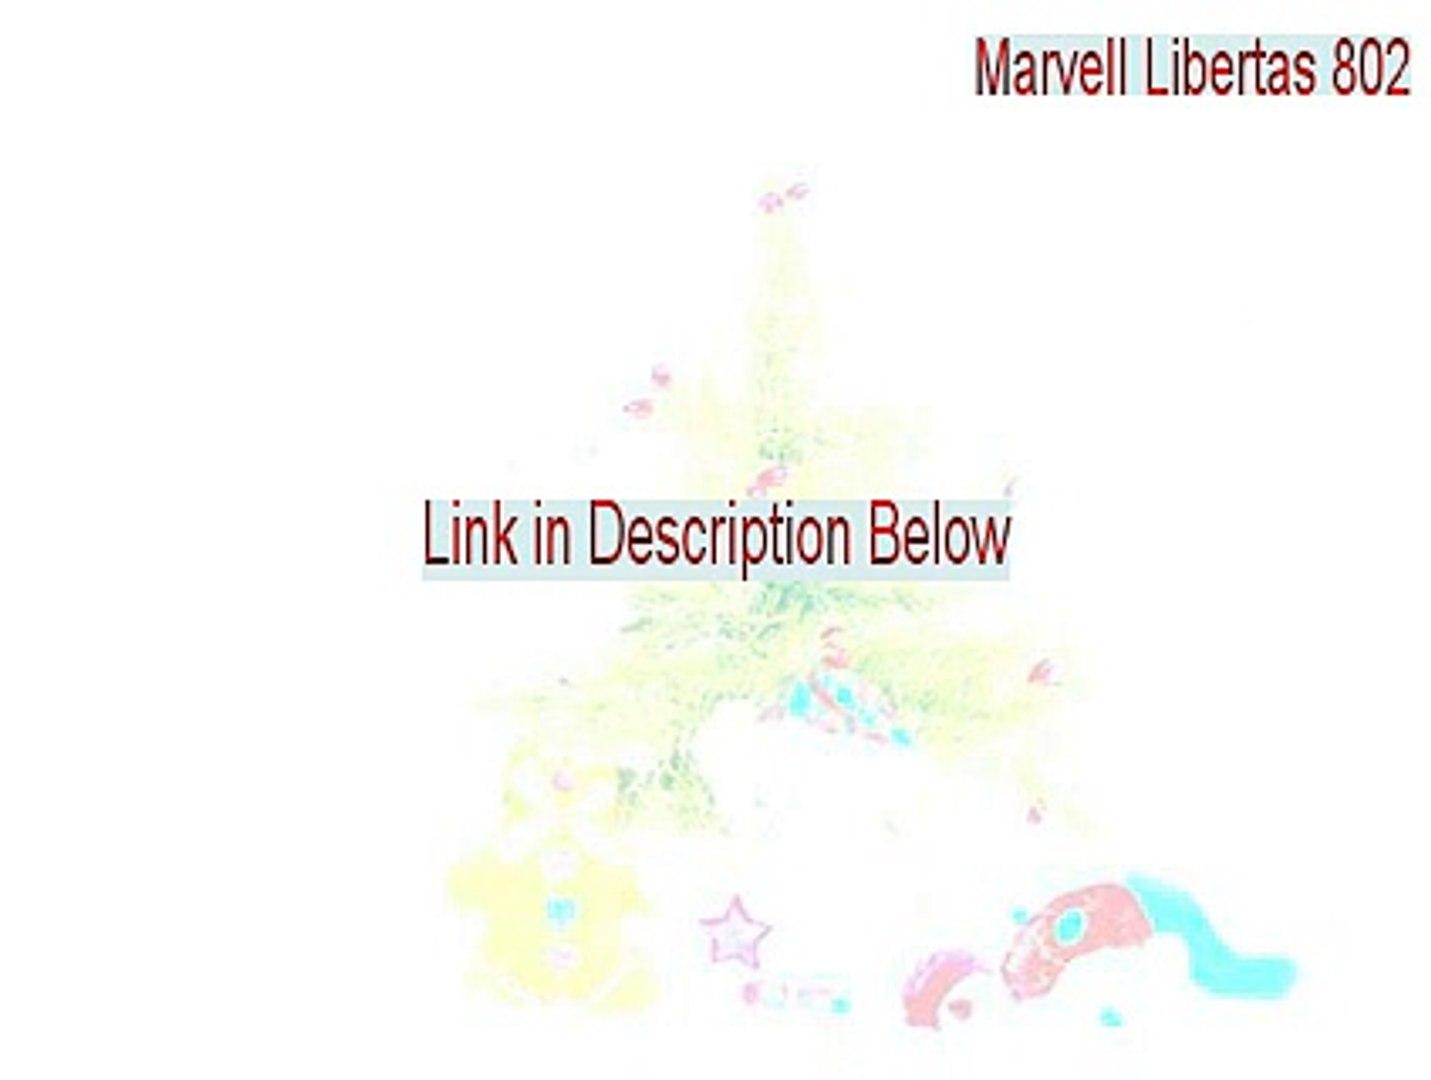 Marvell Libertas 802.11a/g/b Wireless LAN Client Adapter Full Download (marvell libertas 802.11 b/g